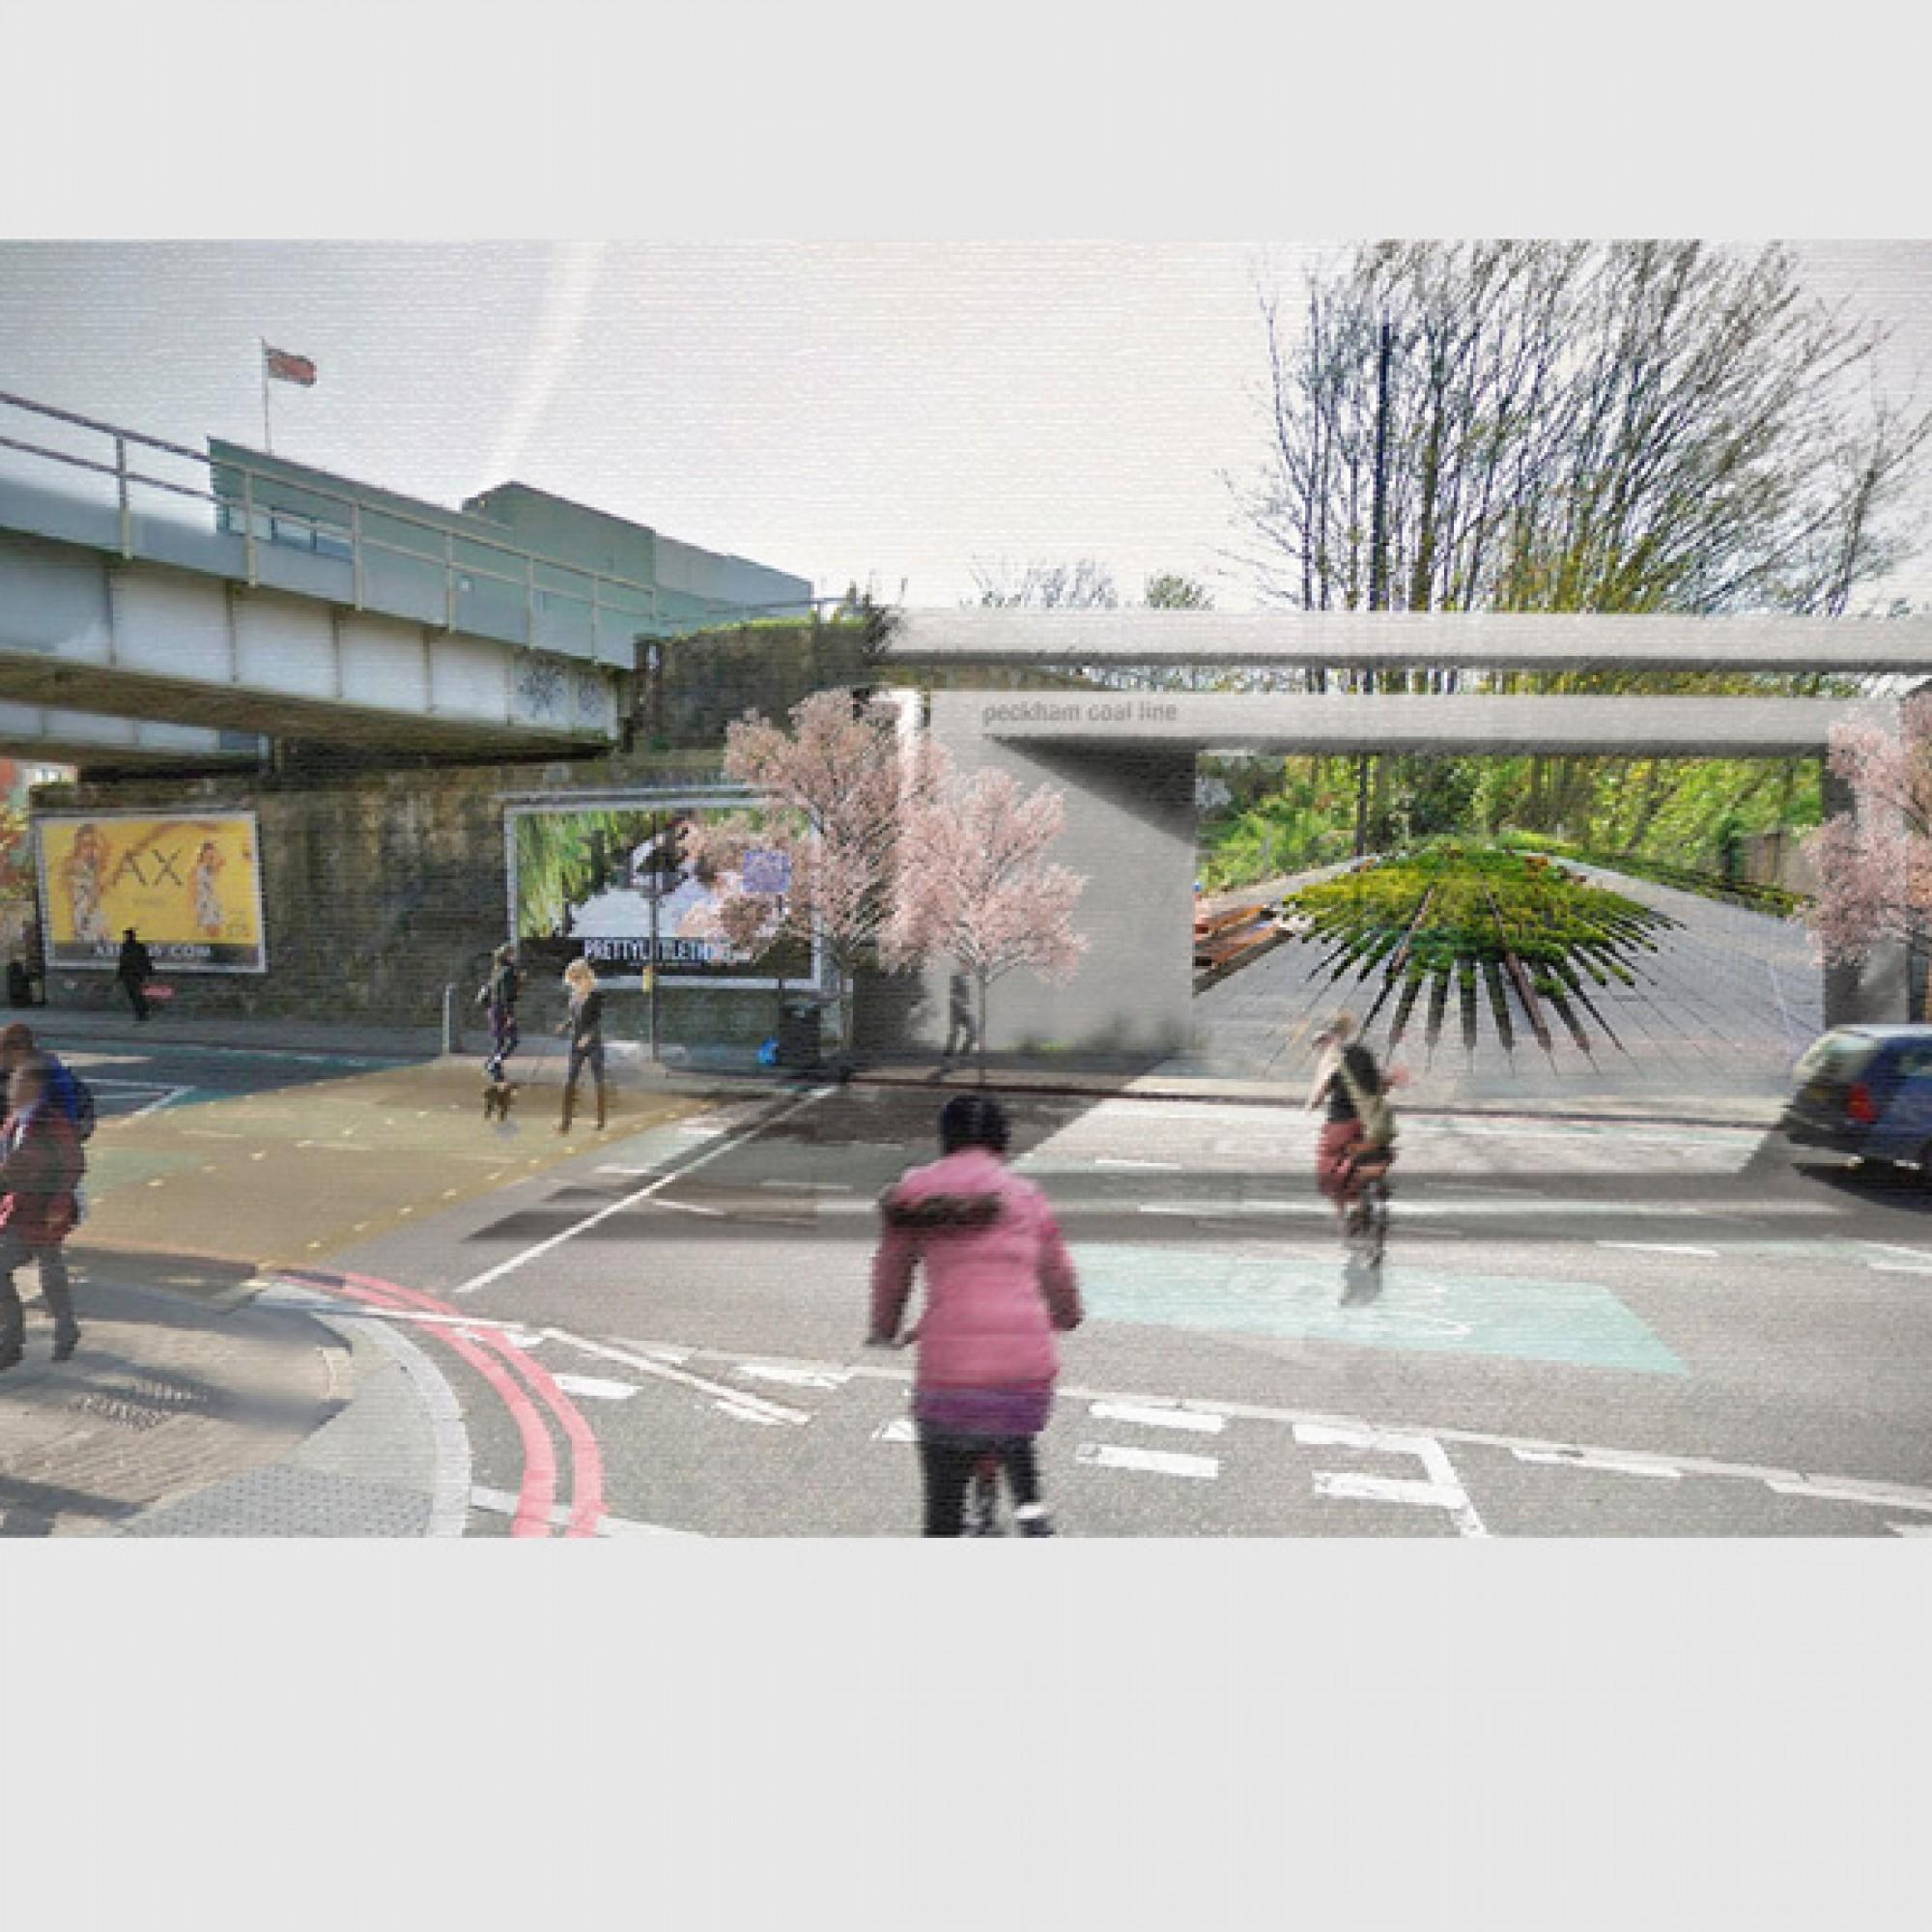 Keine Grüne Lungs sondern eher eine grüne Ader:  So könnte es beim Eingang der Londoner High Line aussehen. (zvg)